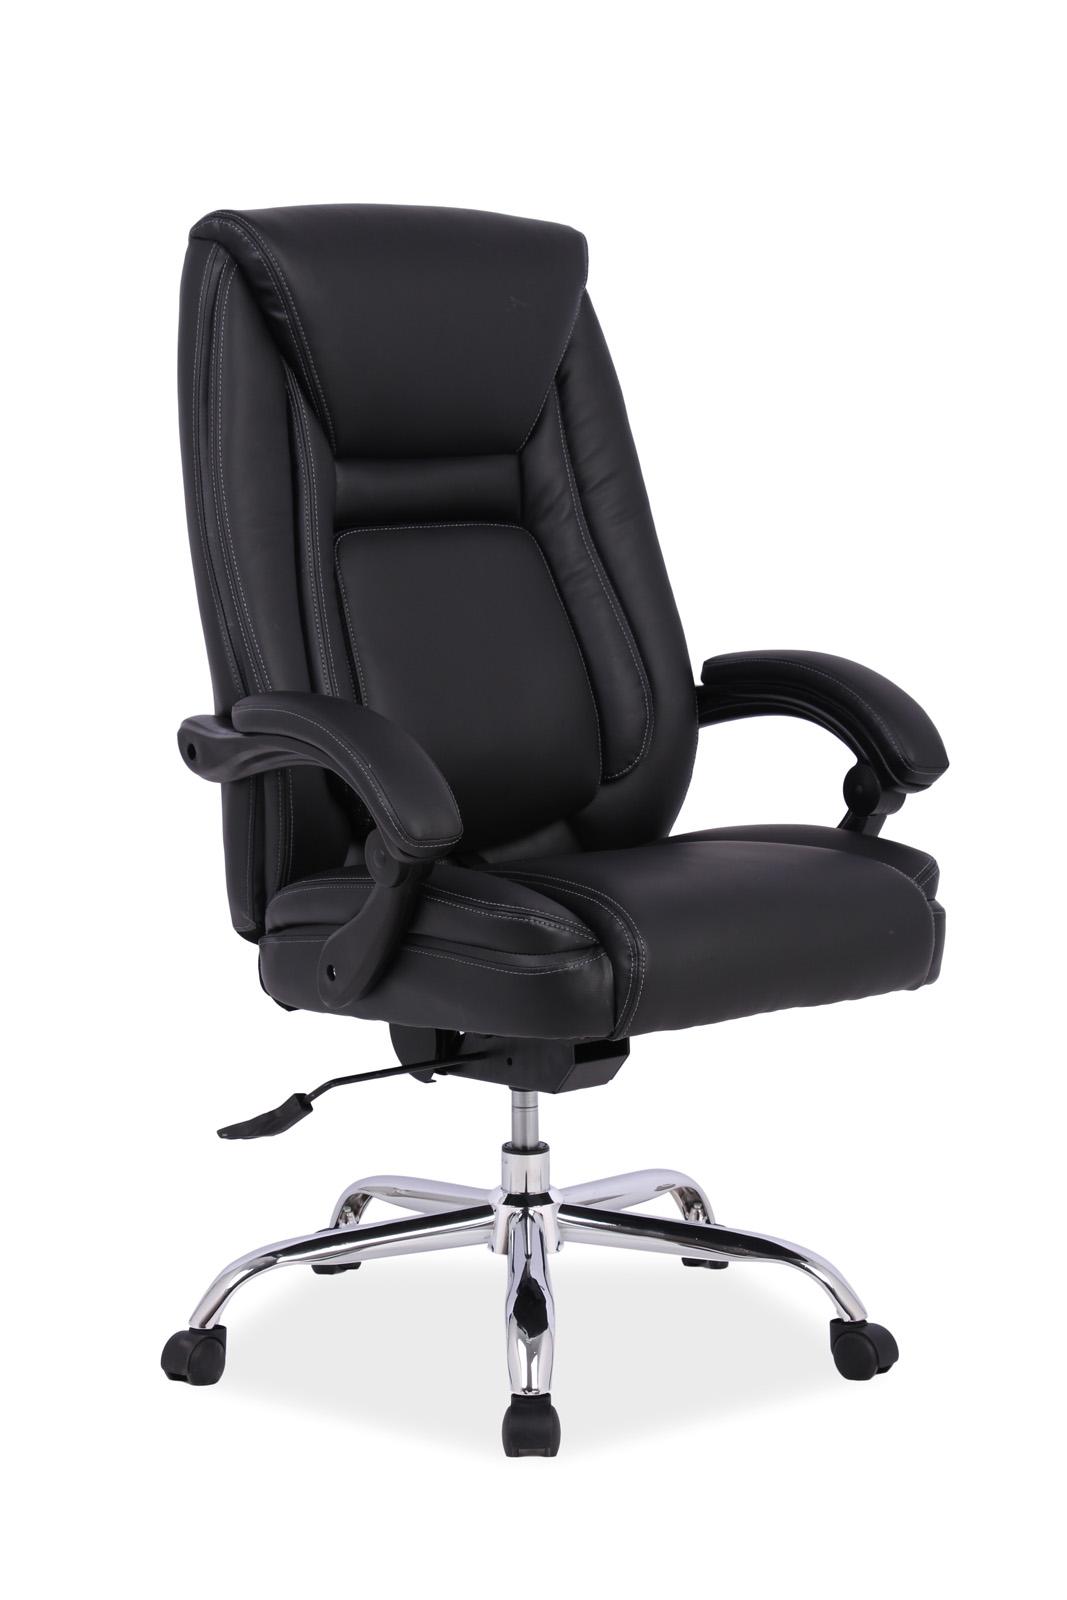 Scaun de birou directorial Premier Black somproduct.ro